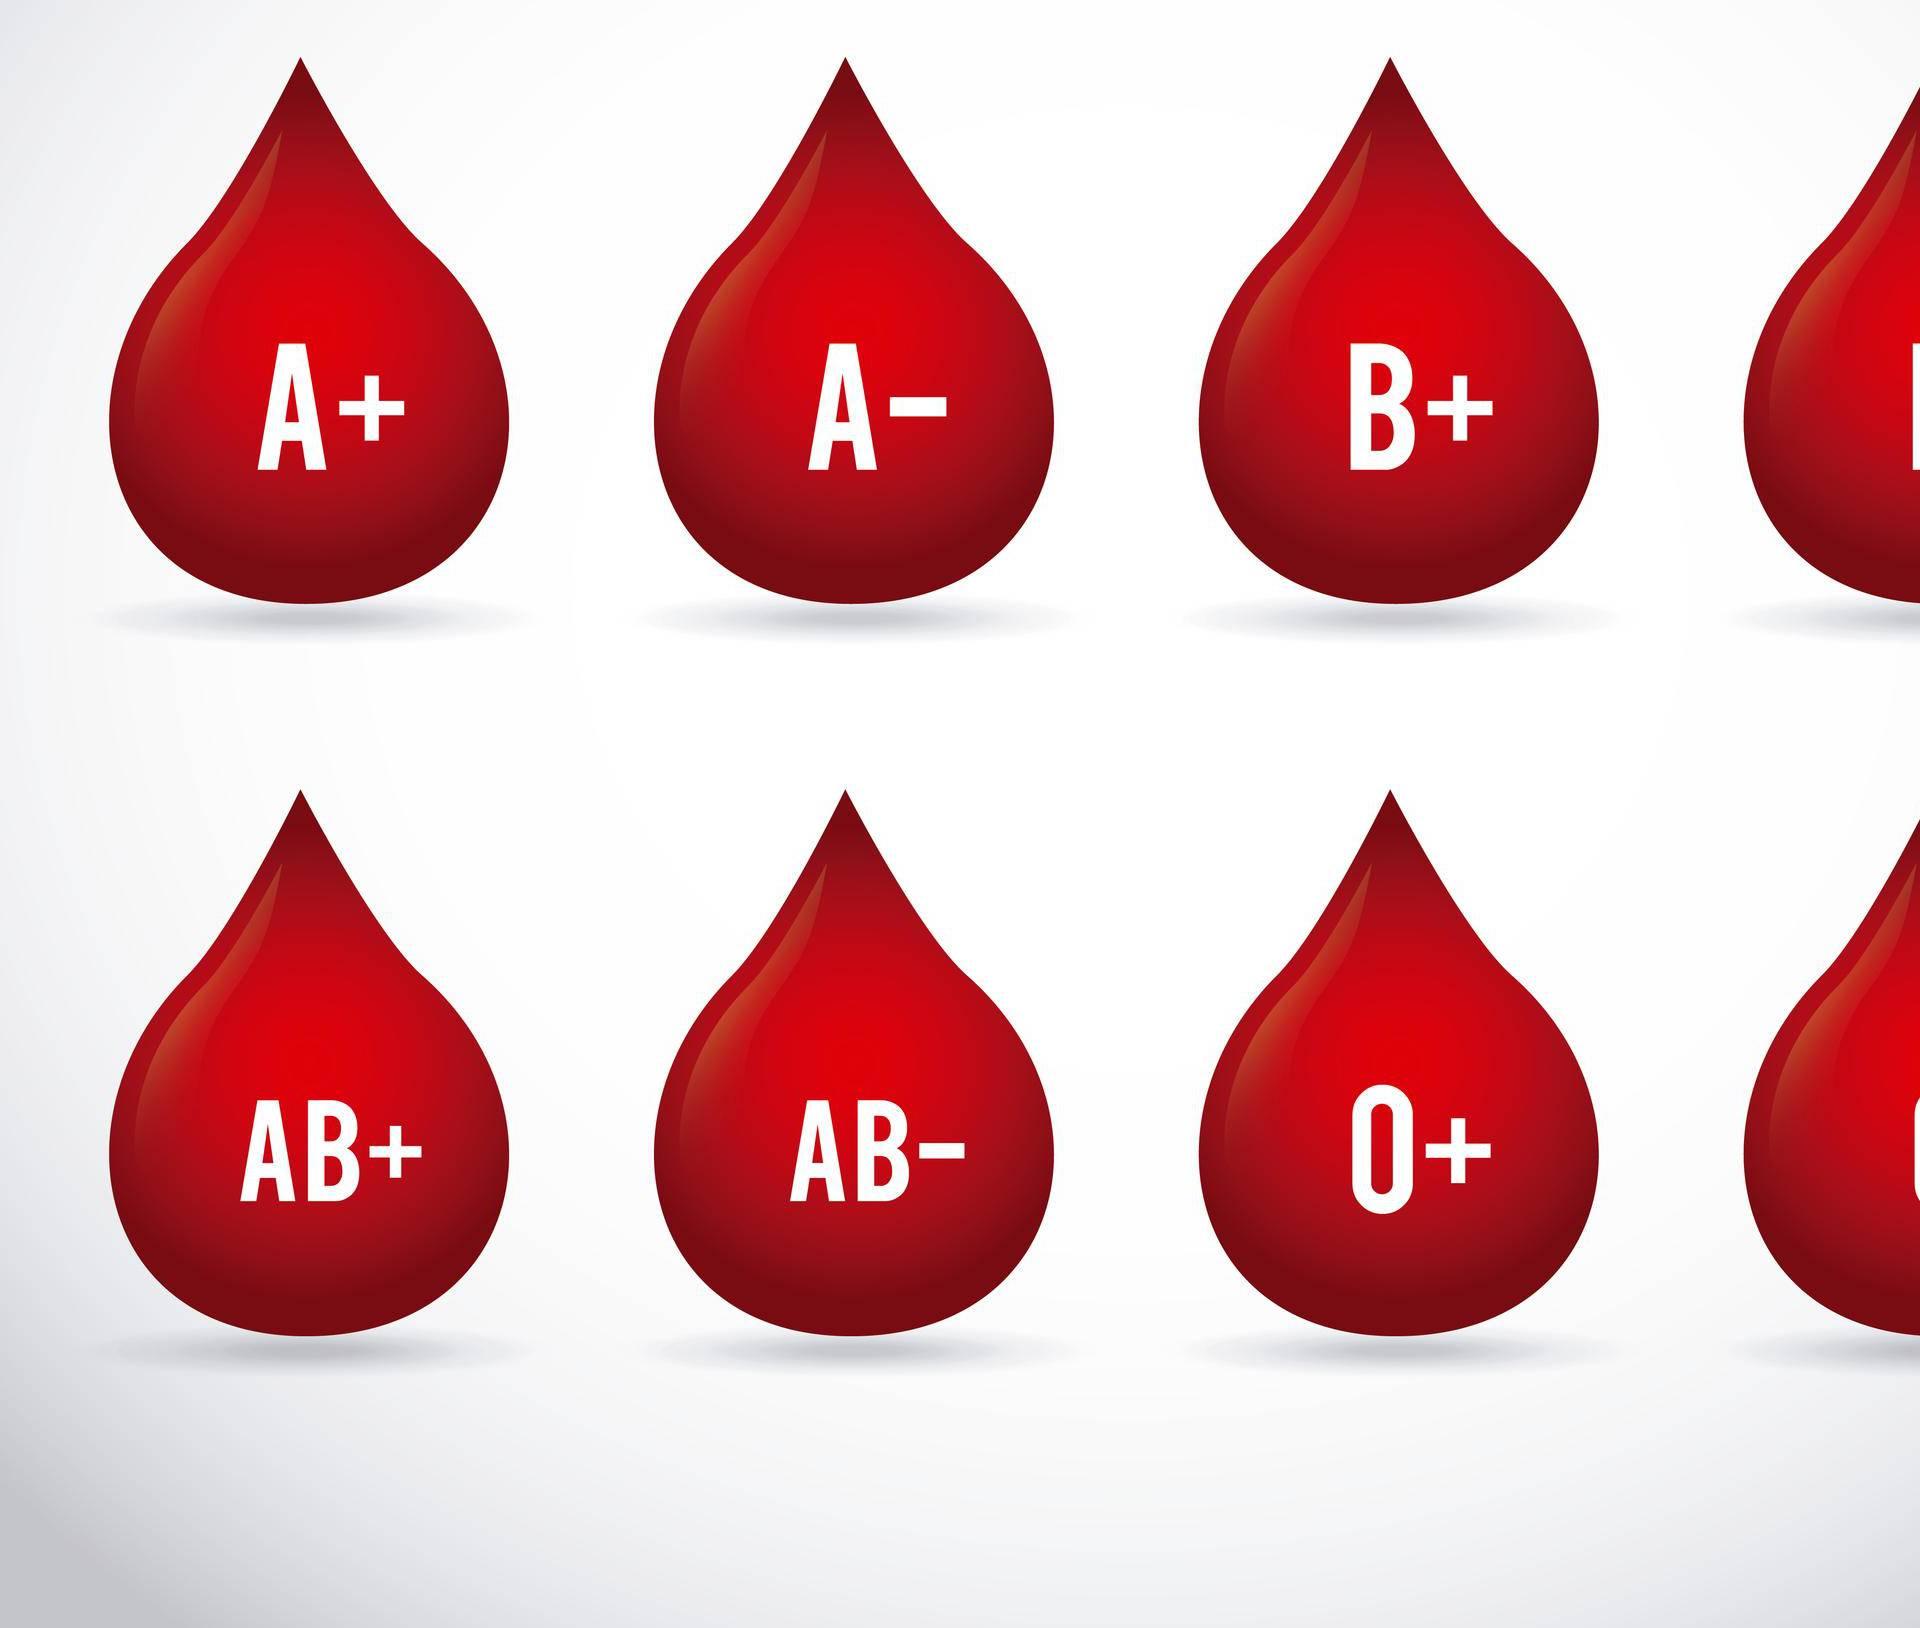 Krvna grupa 0 ima najniži rizik od raka želuca, grupa A najveći